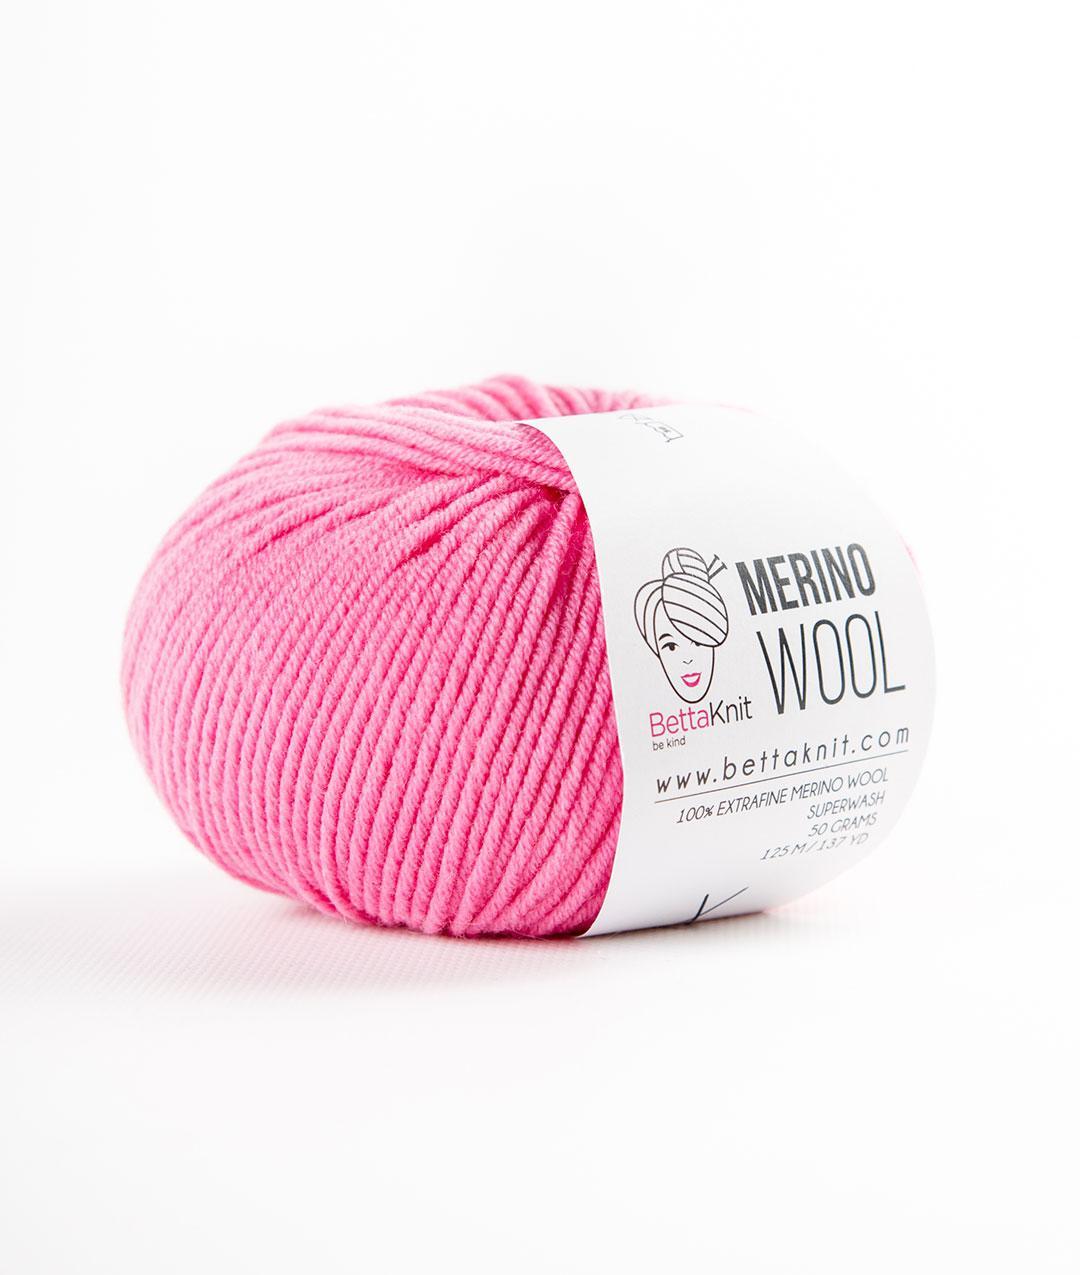 Wool - Wool - Merino Wool - 1